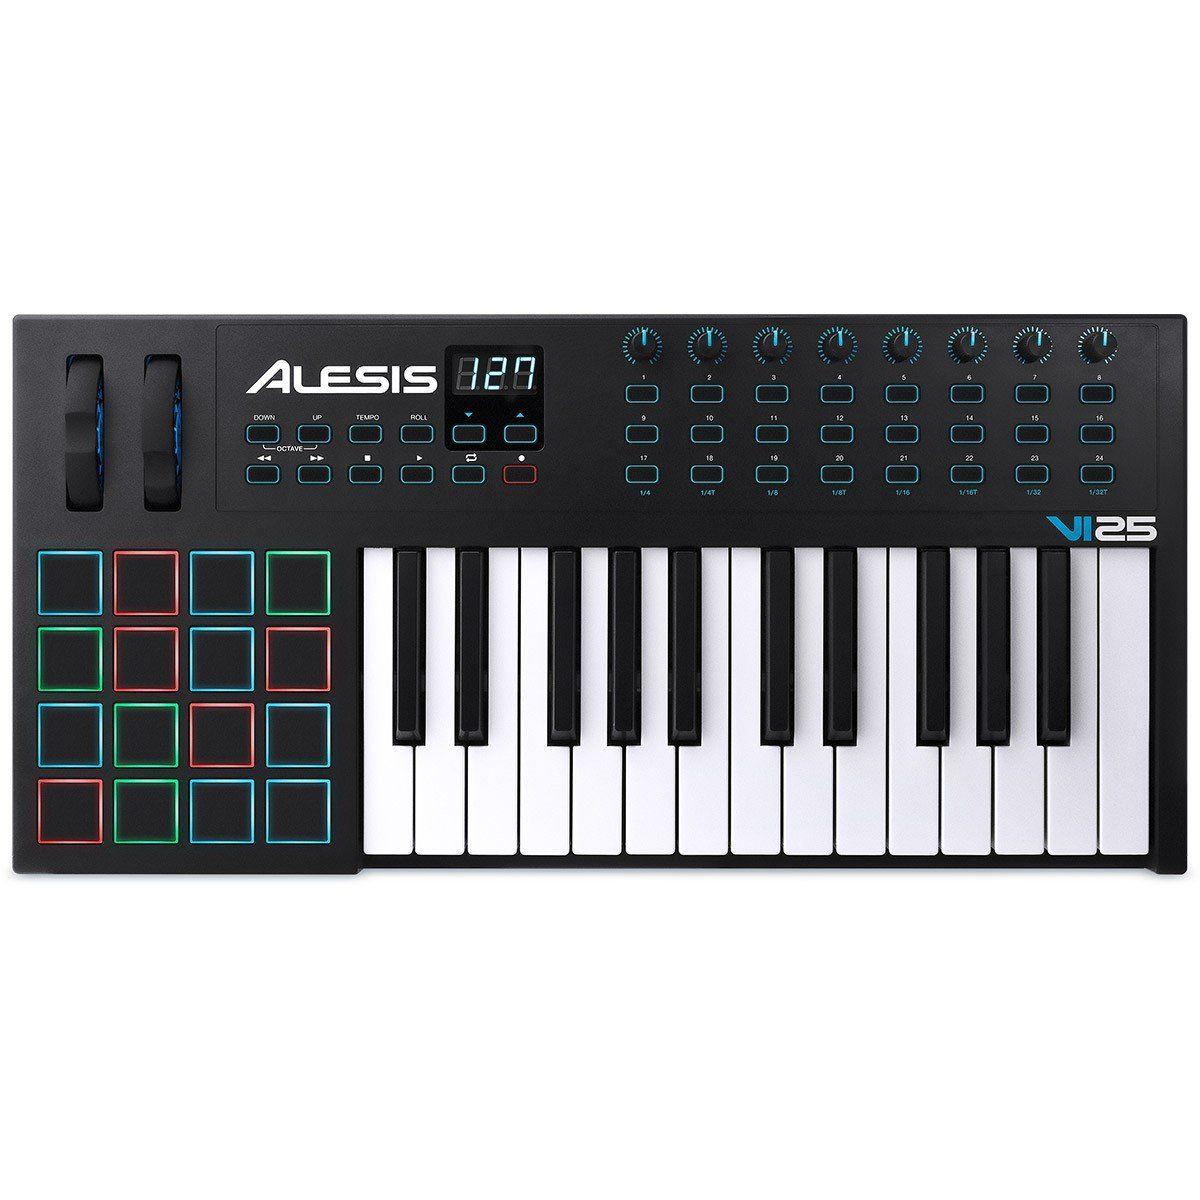 Alesis VI25 Controladora Midi de 25 Teclas para Performances ao Vivo e Produção